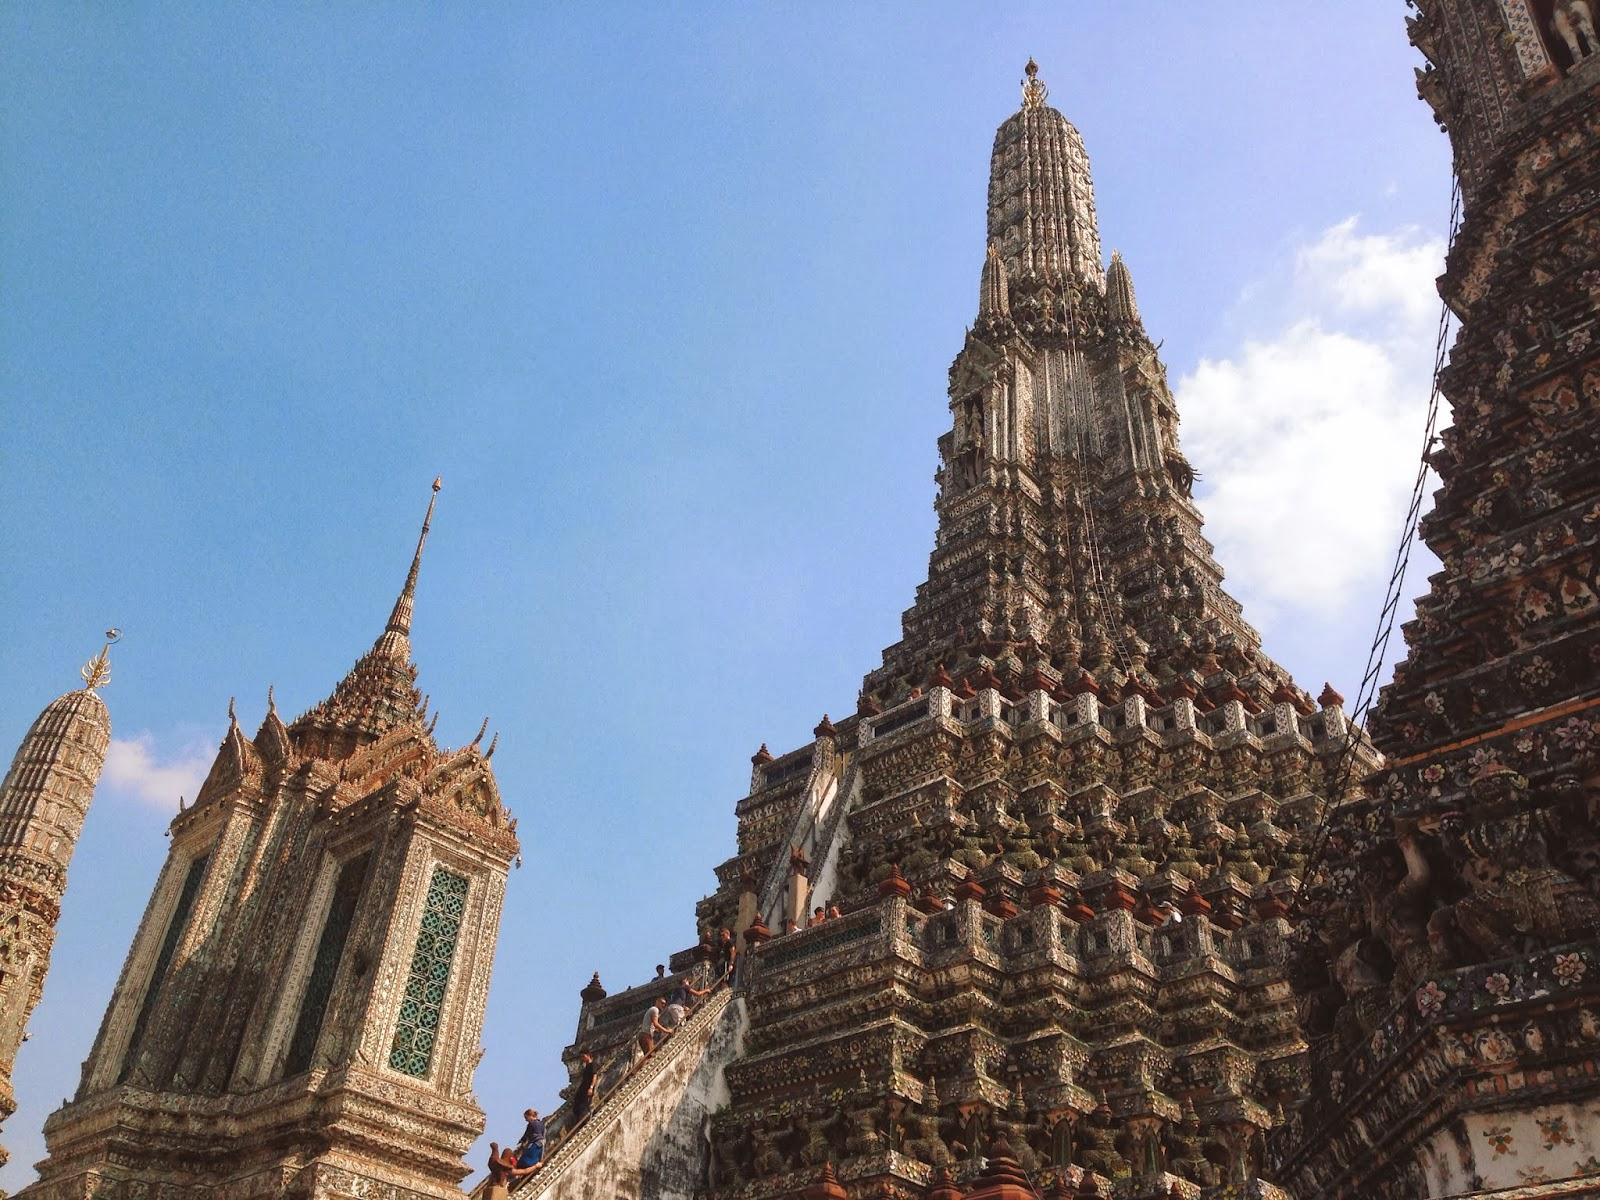 фото схема построек план королевский дворец бангкок